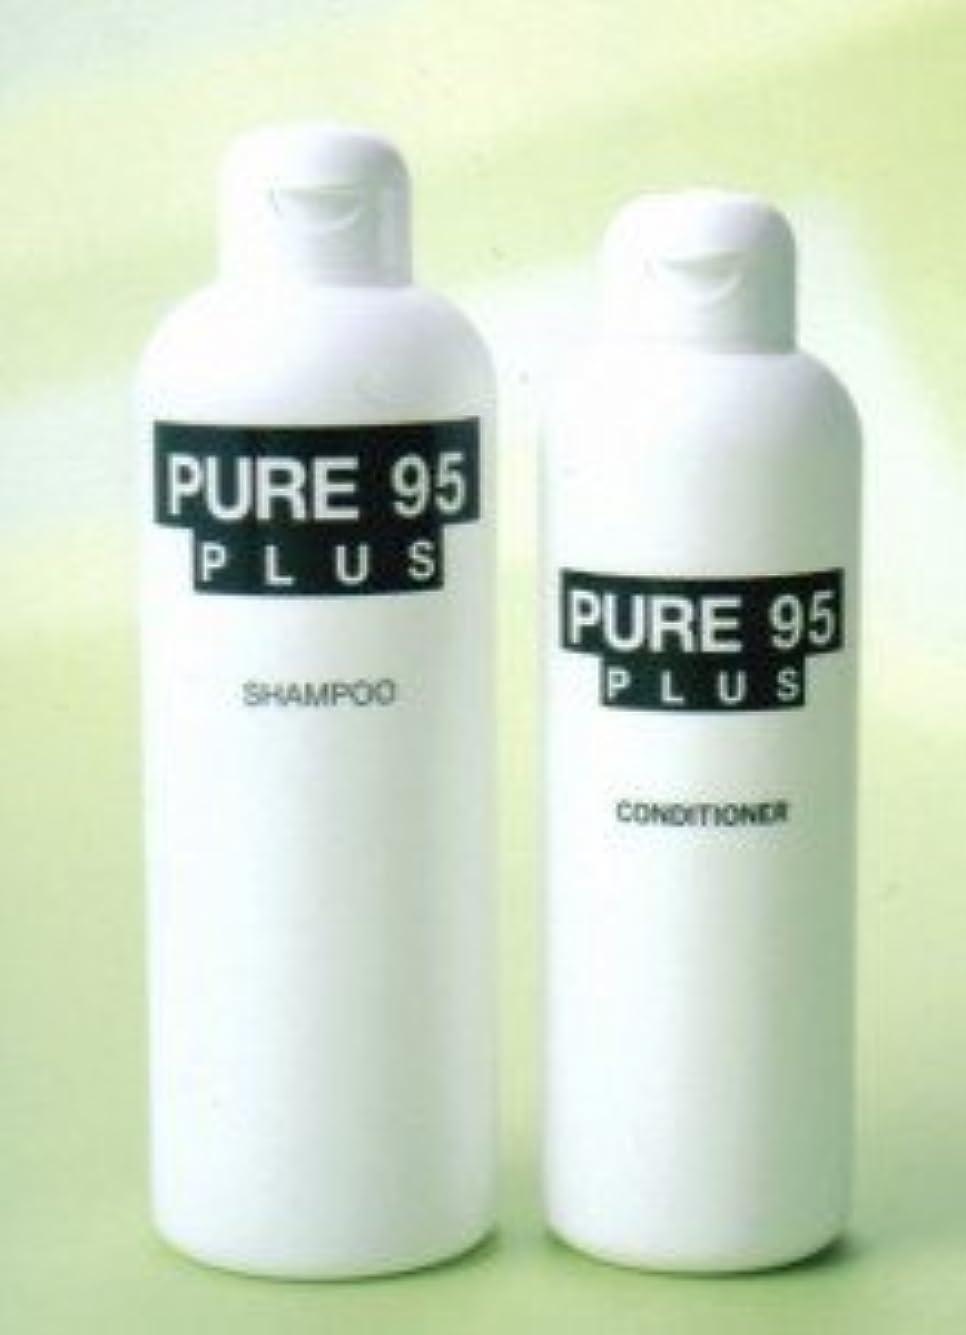 レディ非難する下線パーミングジャパン PURE95(ピュア95) プラスシャンプー 400ml (草原の香り)